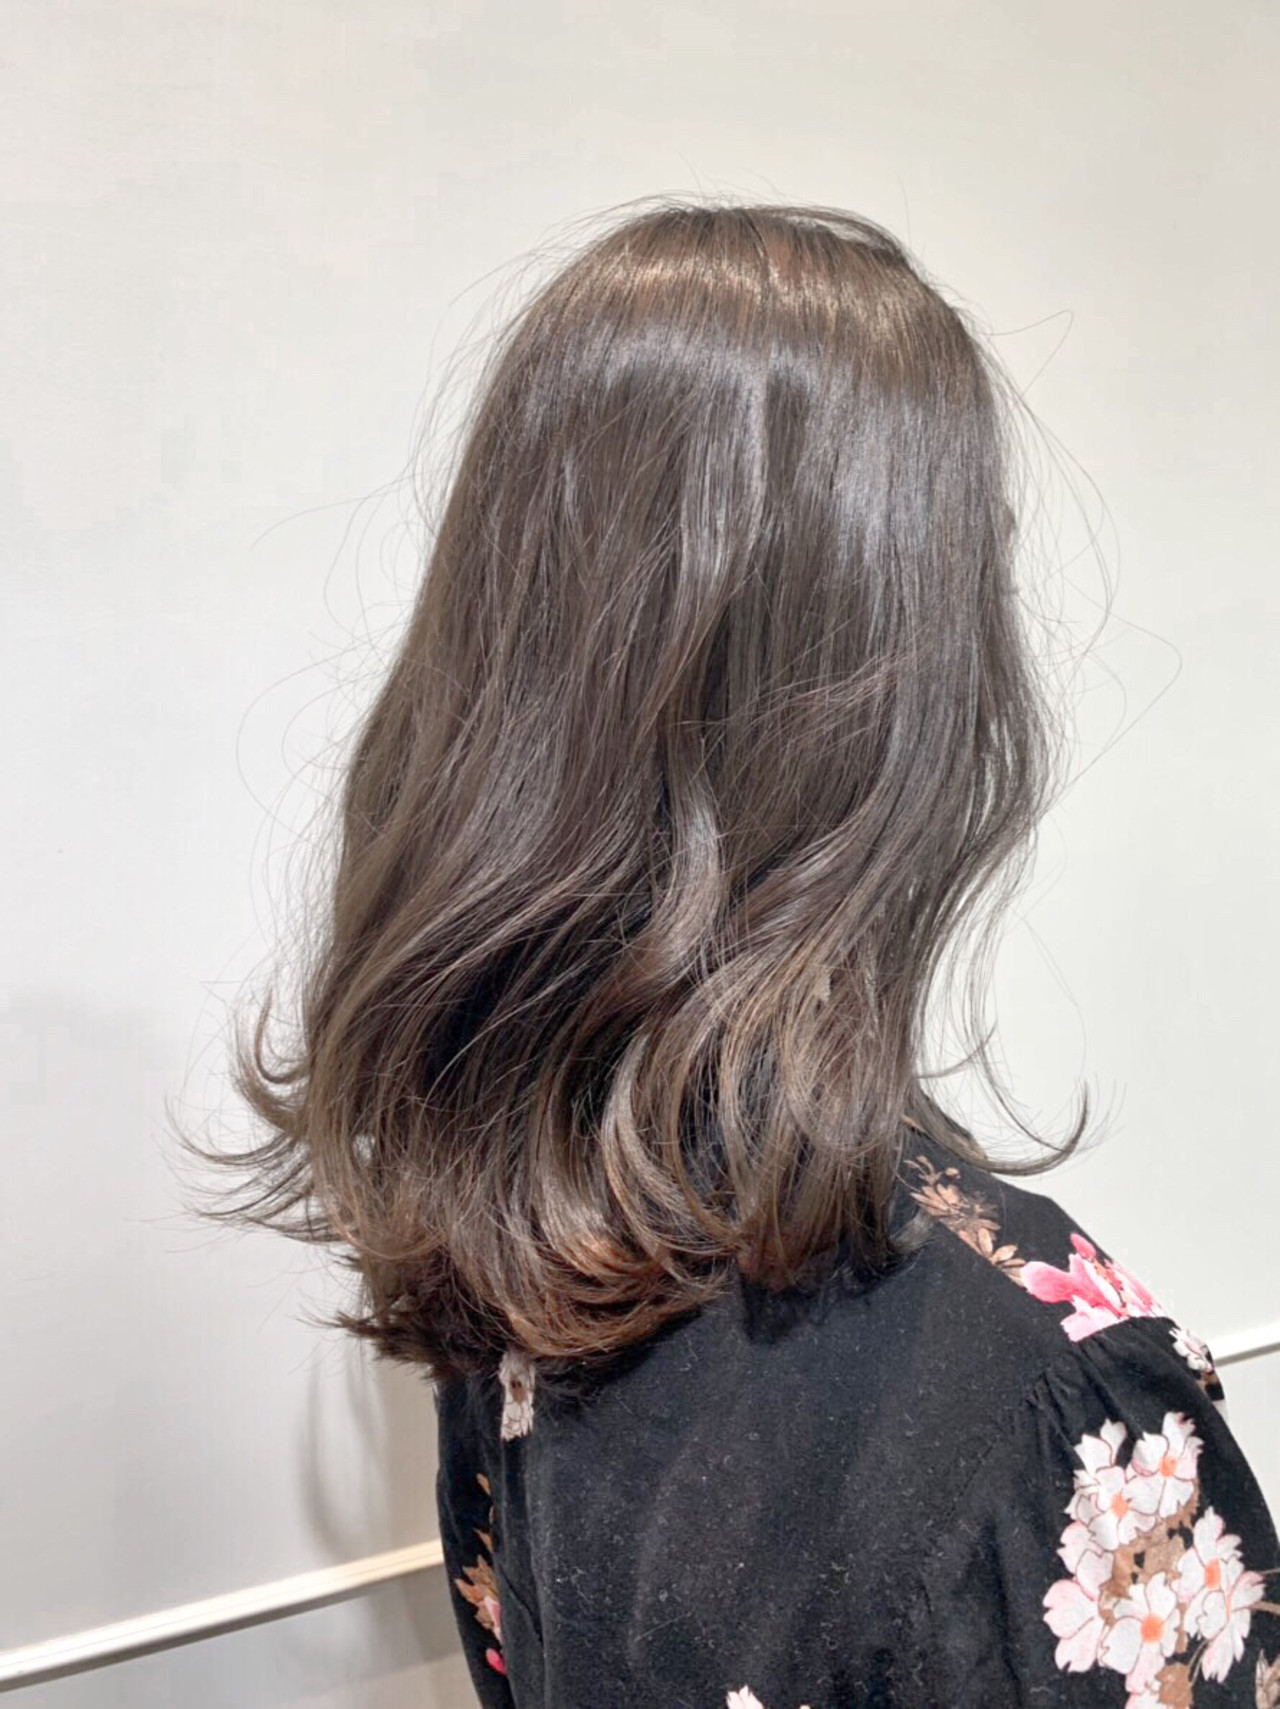 セミロング ミディアムヘアー アンニュイほつれヘア フェミニン ヘアスタイルや髪型の写真・画像